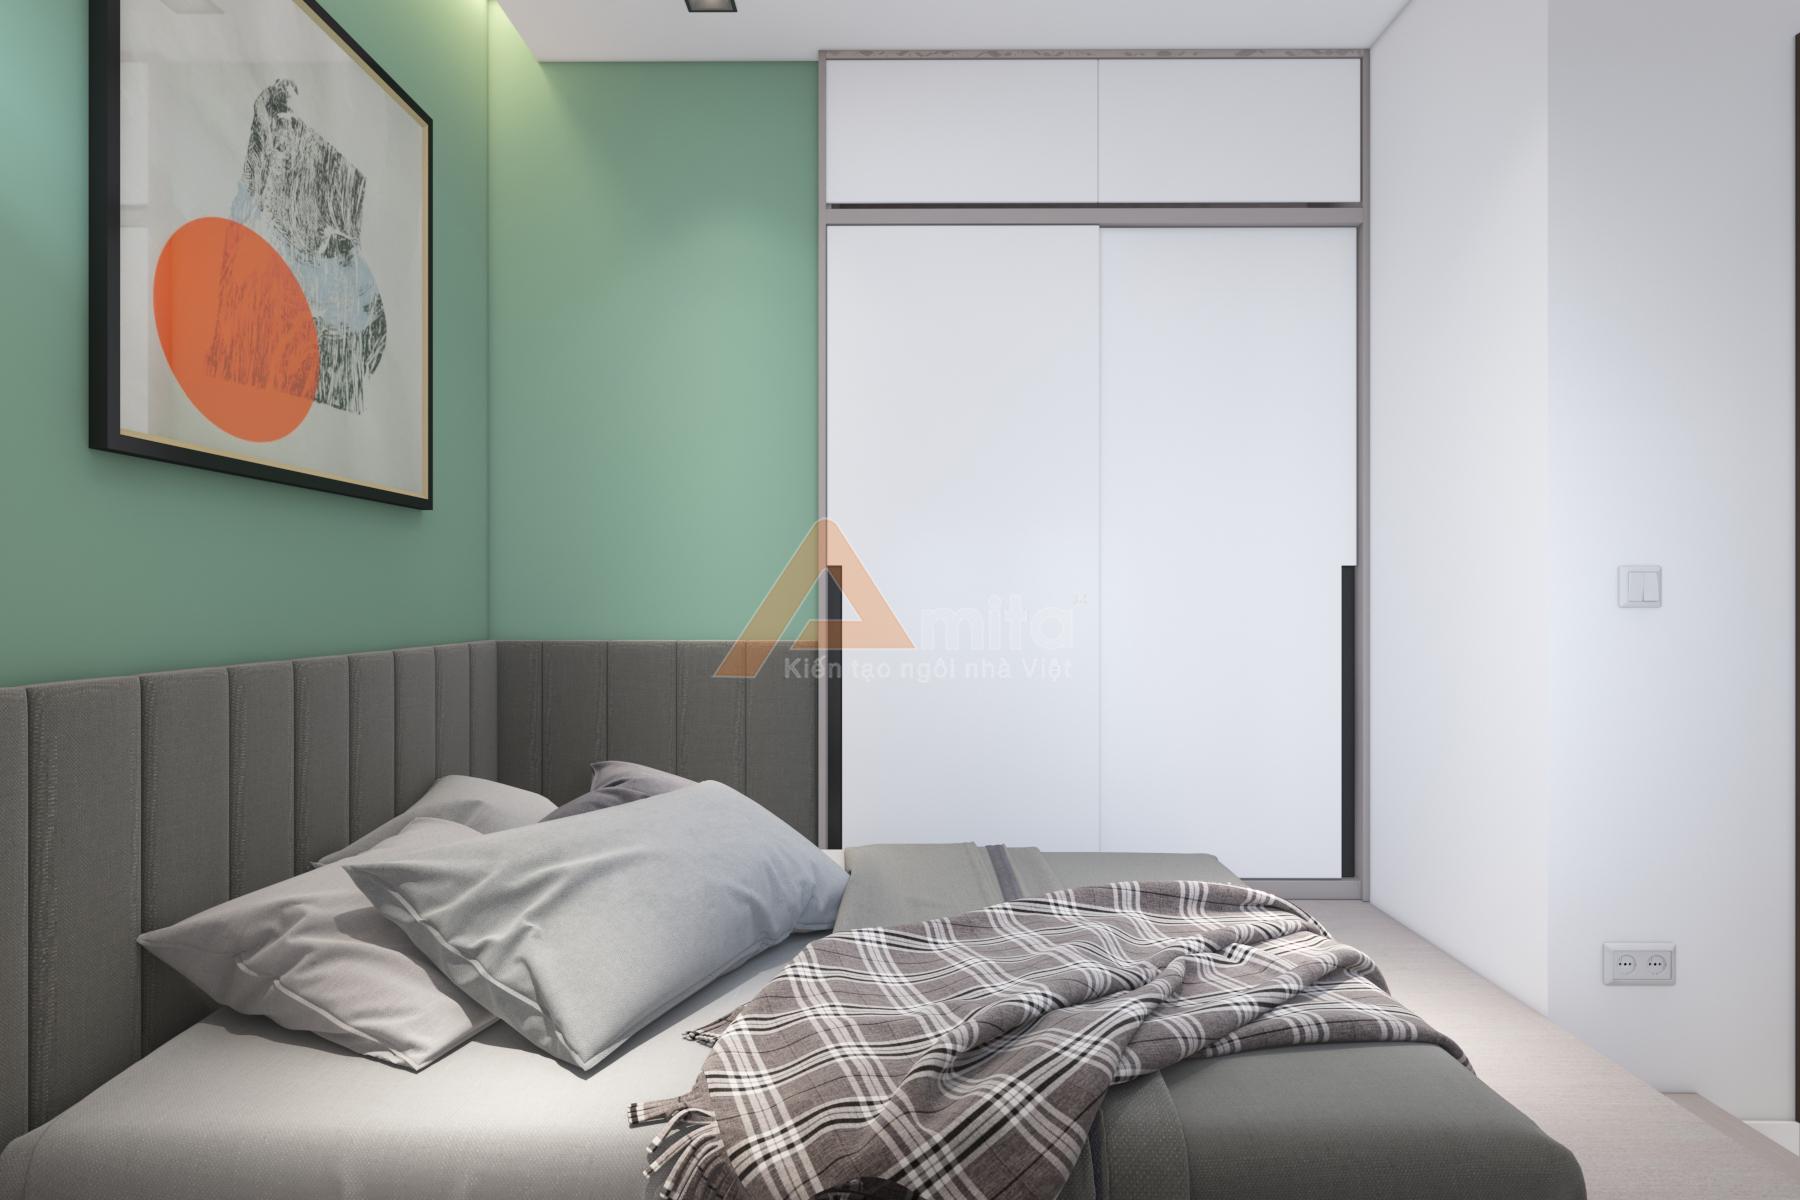 thiết kế nội thất chung cư tại Hà Nội Chung cư New Skyline - Văn Quán 16 1572341532